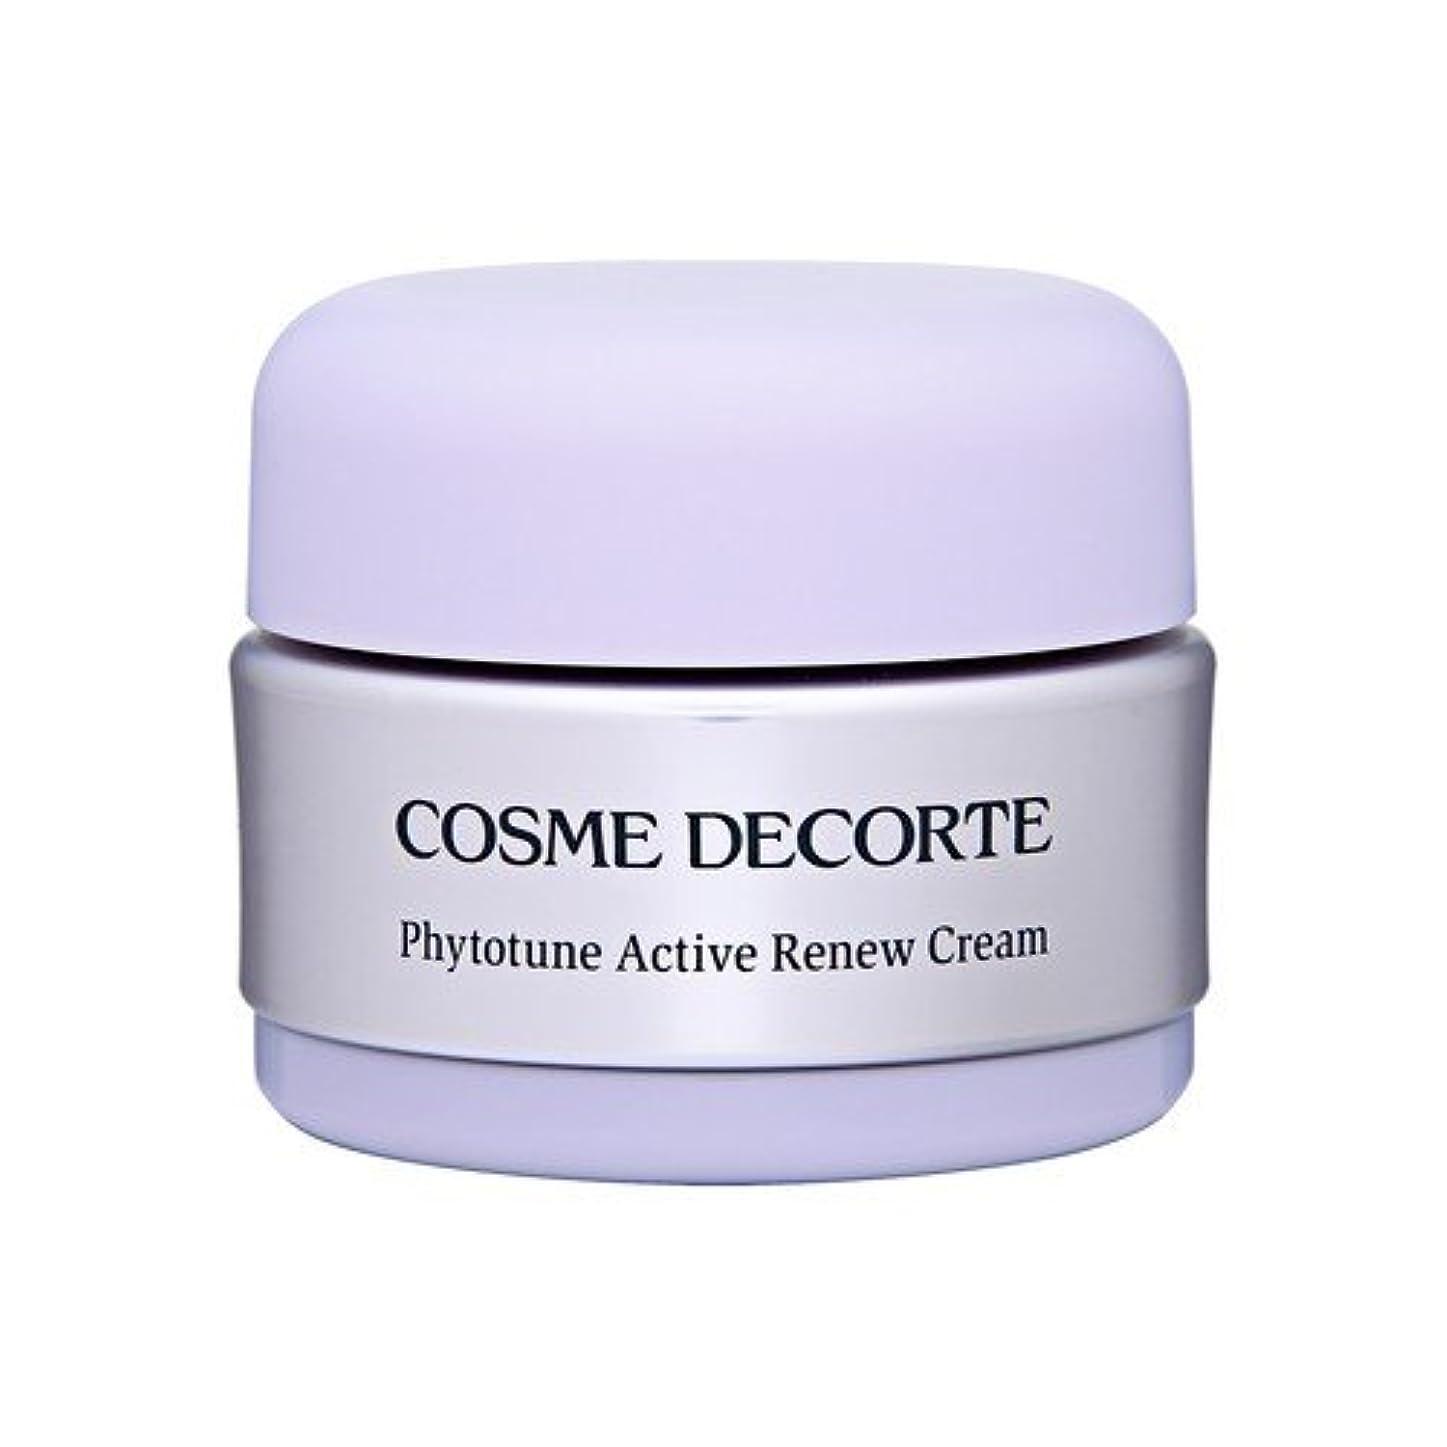 国家換気事前コスメ デコルテ(COSME DECORTE) フィトチューンアクティブリニュークリーム 30g [364491][並行輸入品]